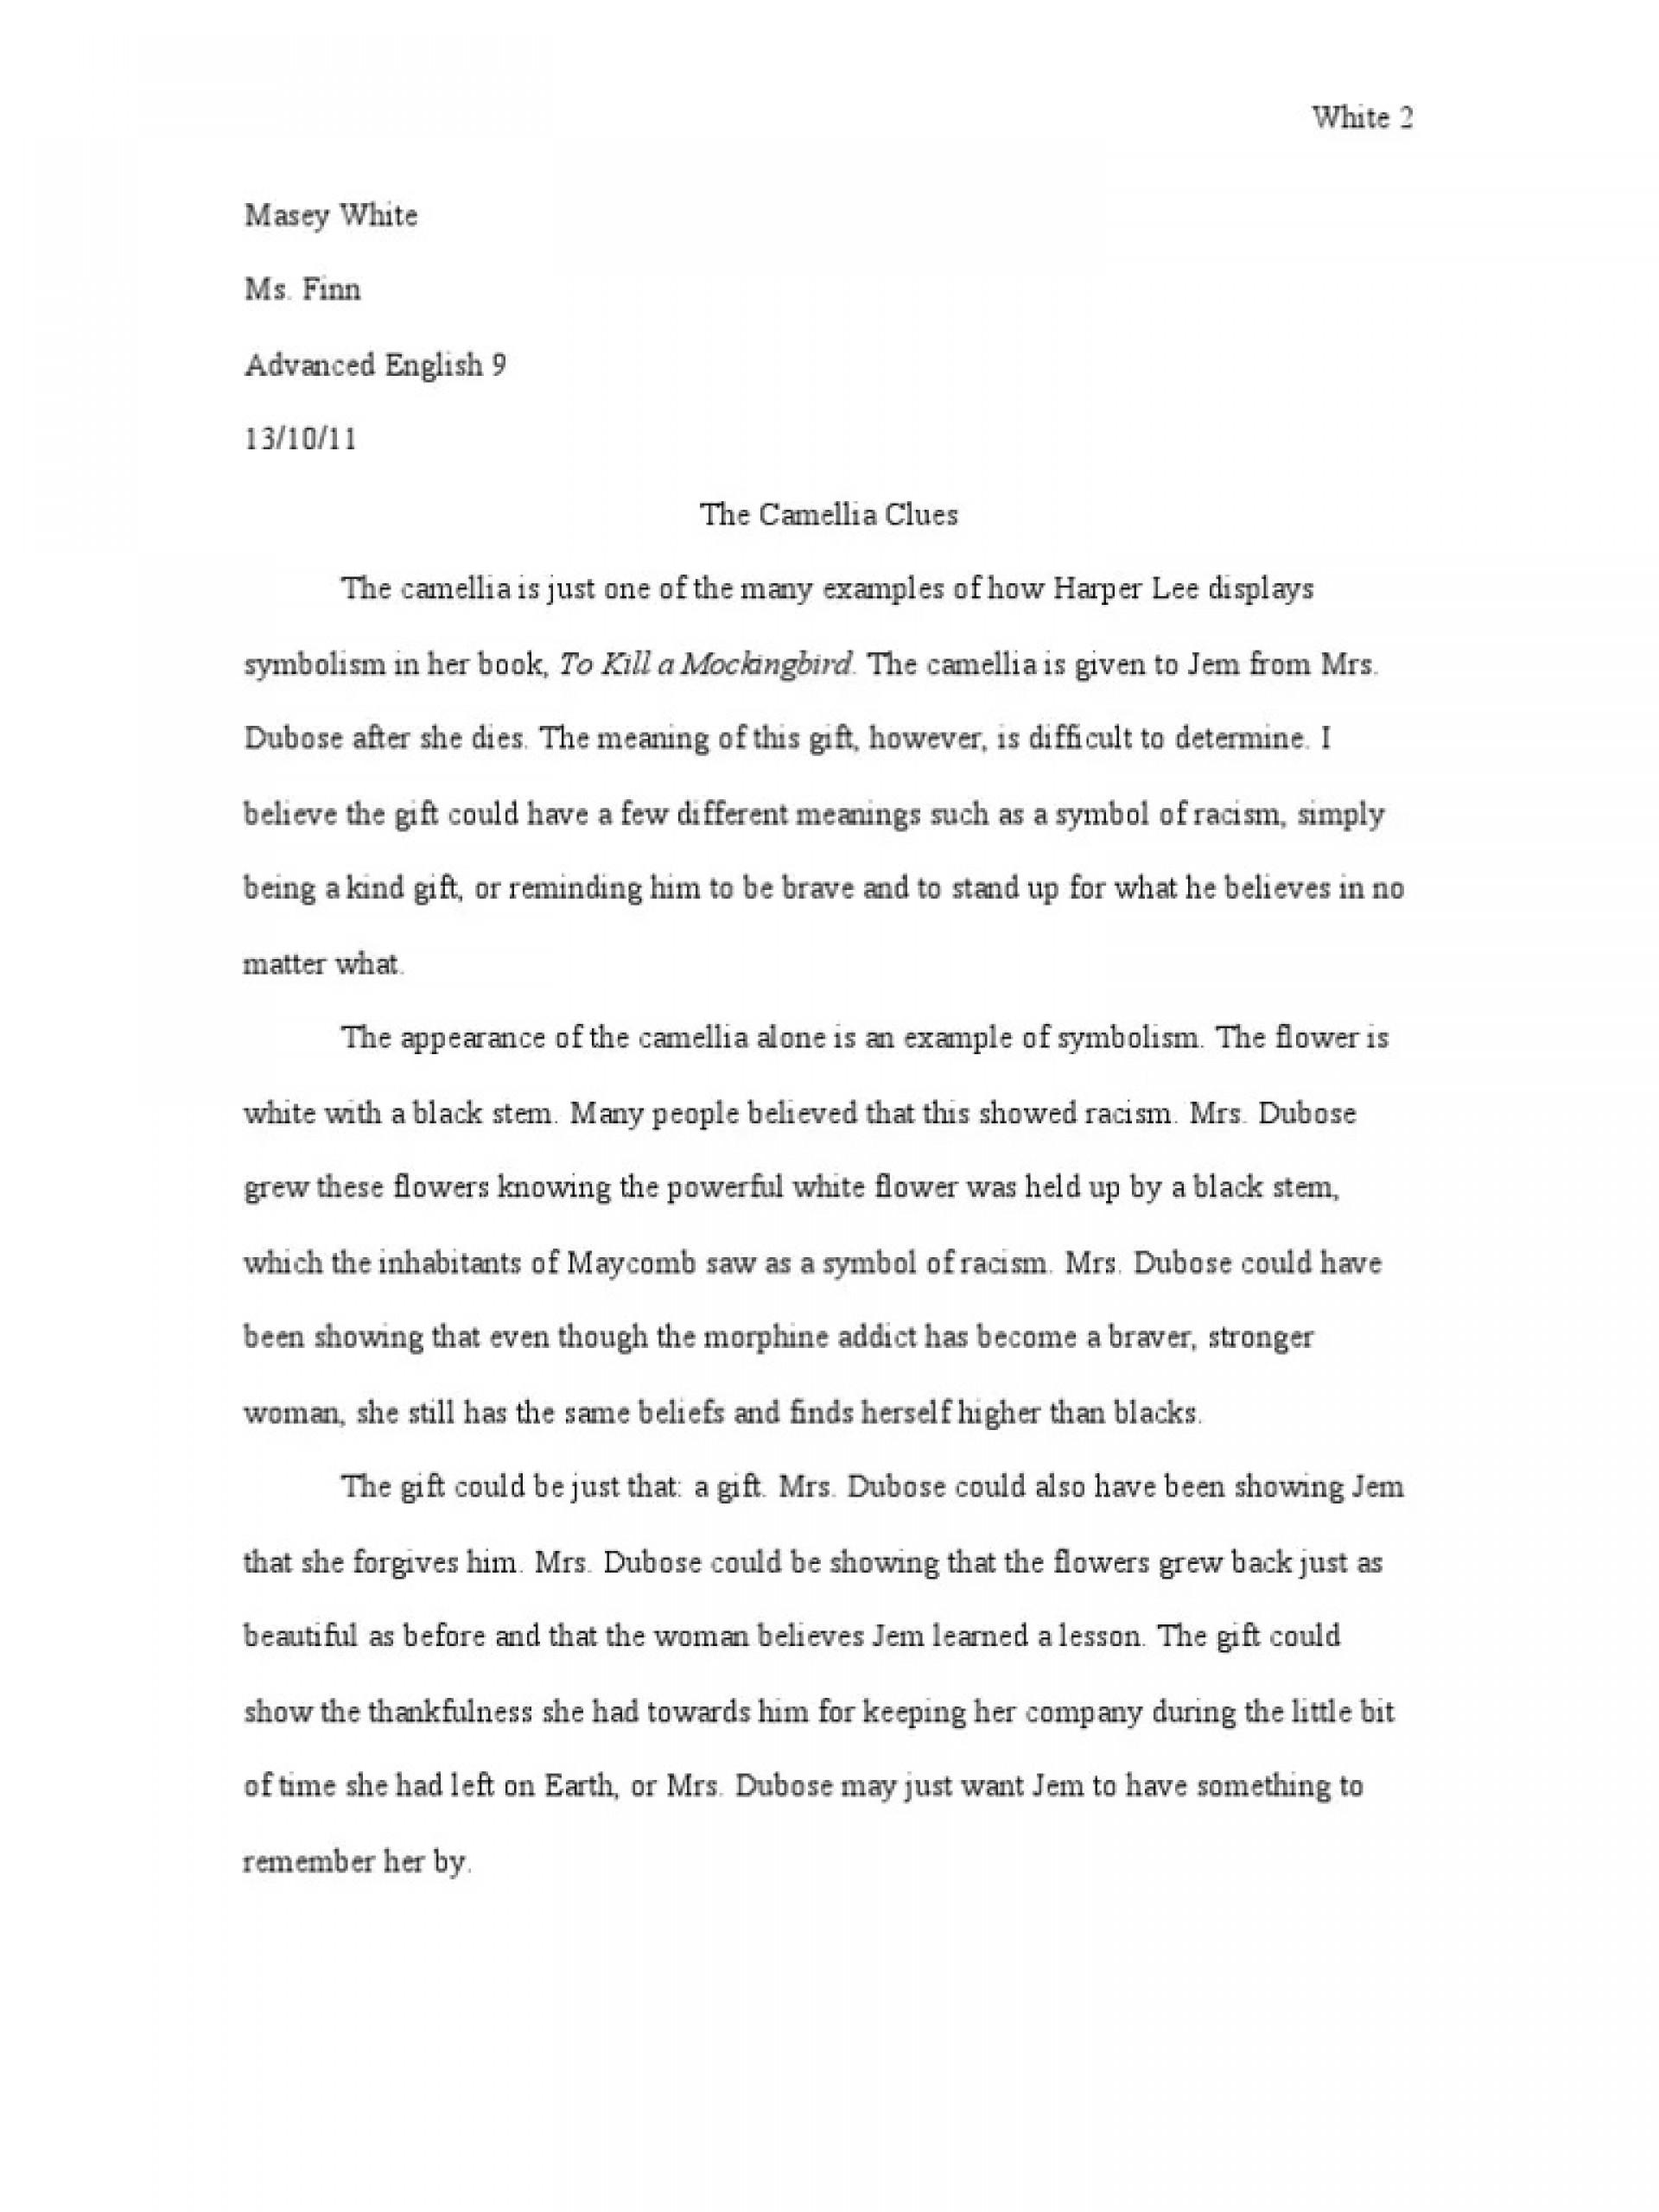 004 Singular To Kill A Mockingbird Essay High Definition  Question Courage Thesi Pdf1920